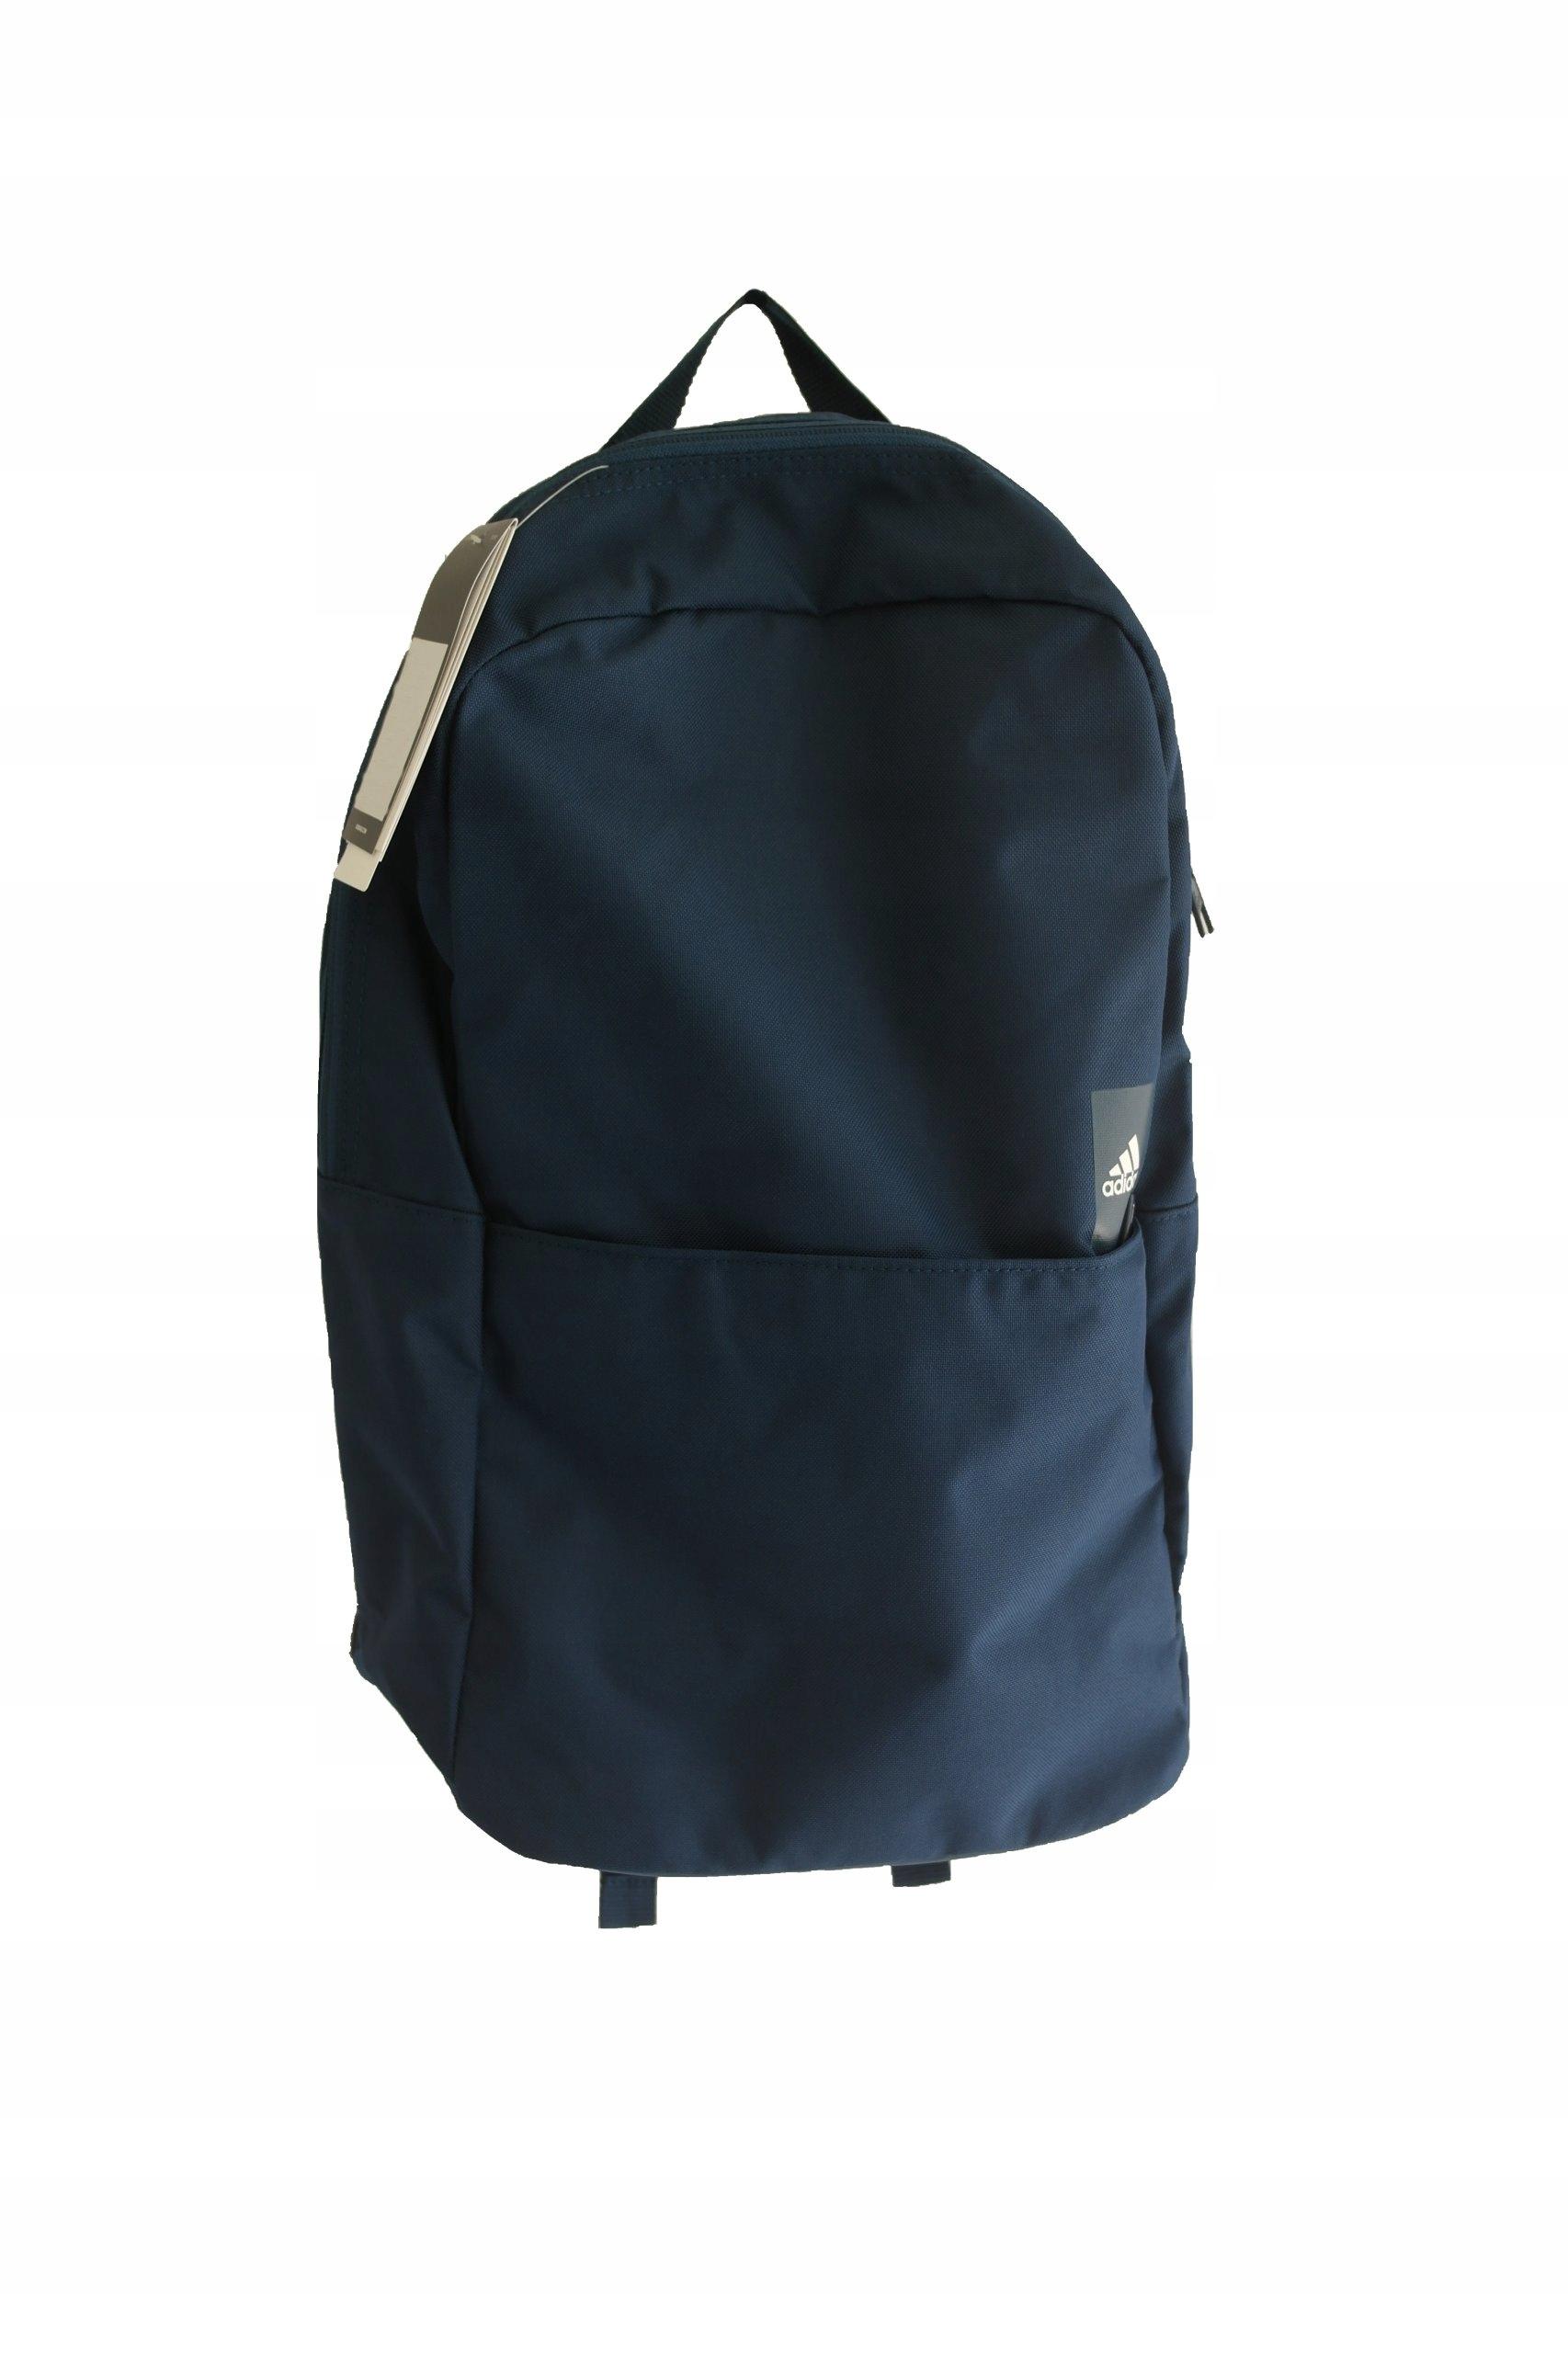 82490b963e489 Plecak szkolny Adidas Backpack Power IV M - 6920692153 - oficjalne ...